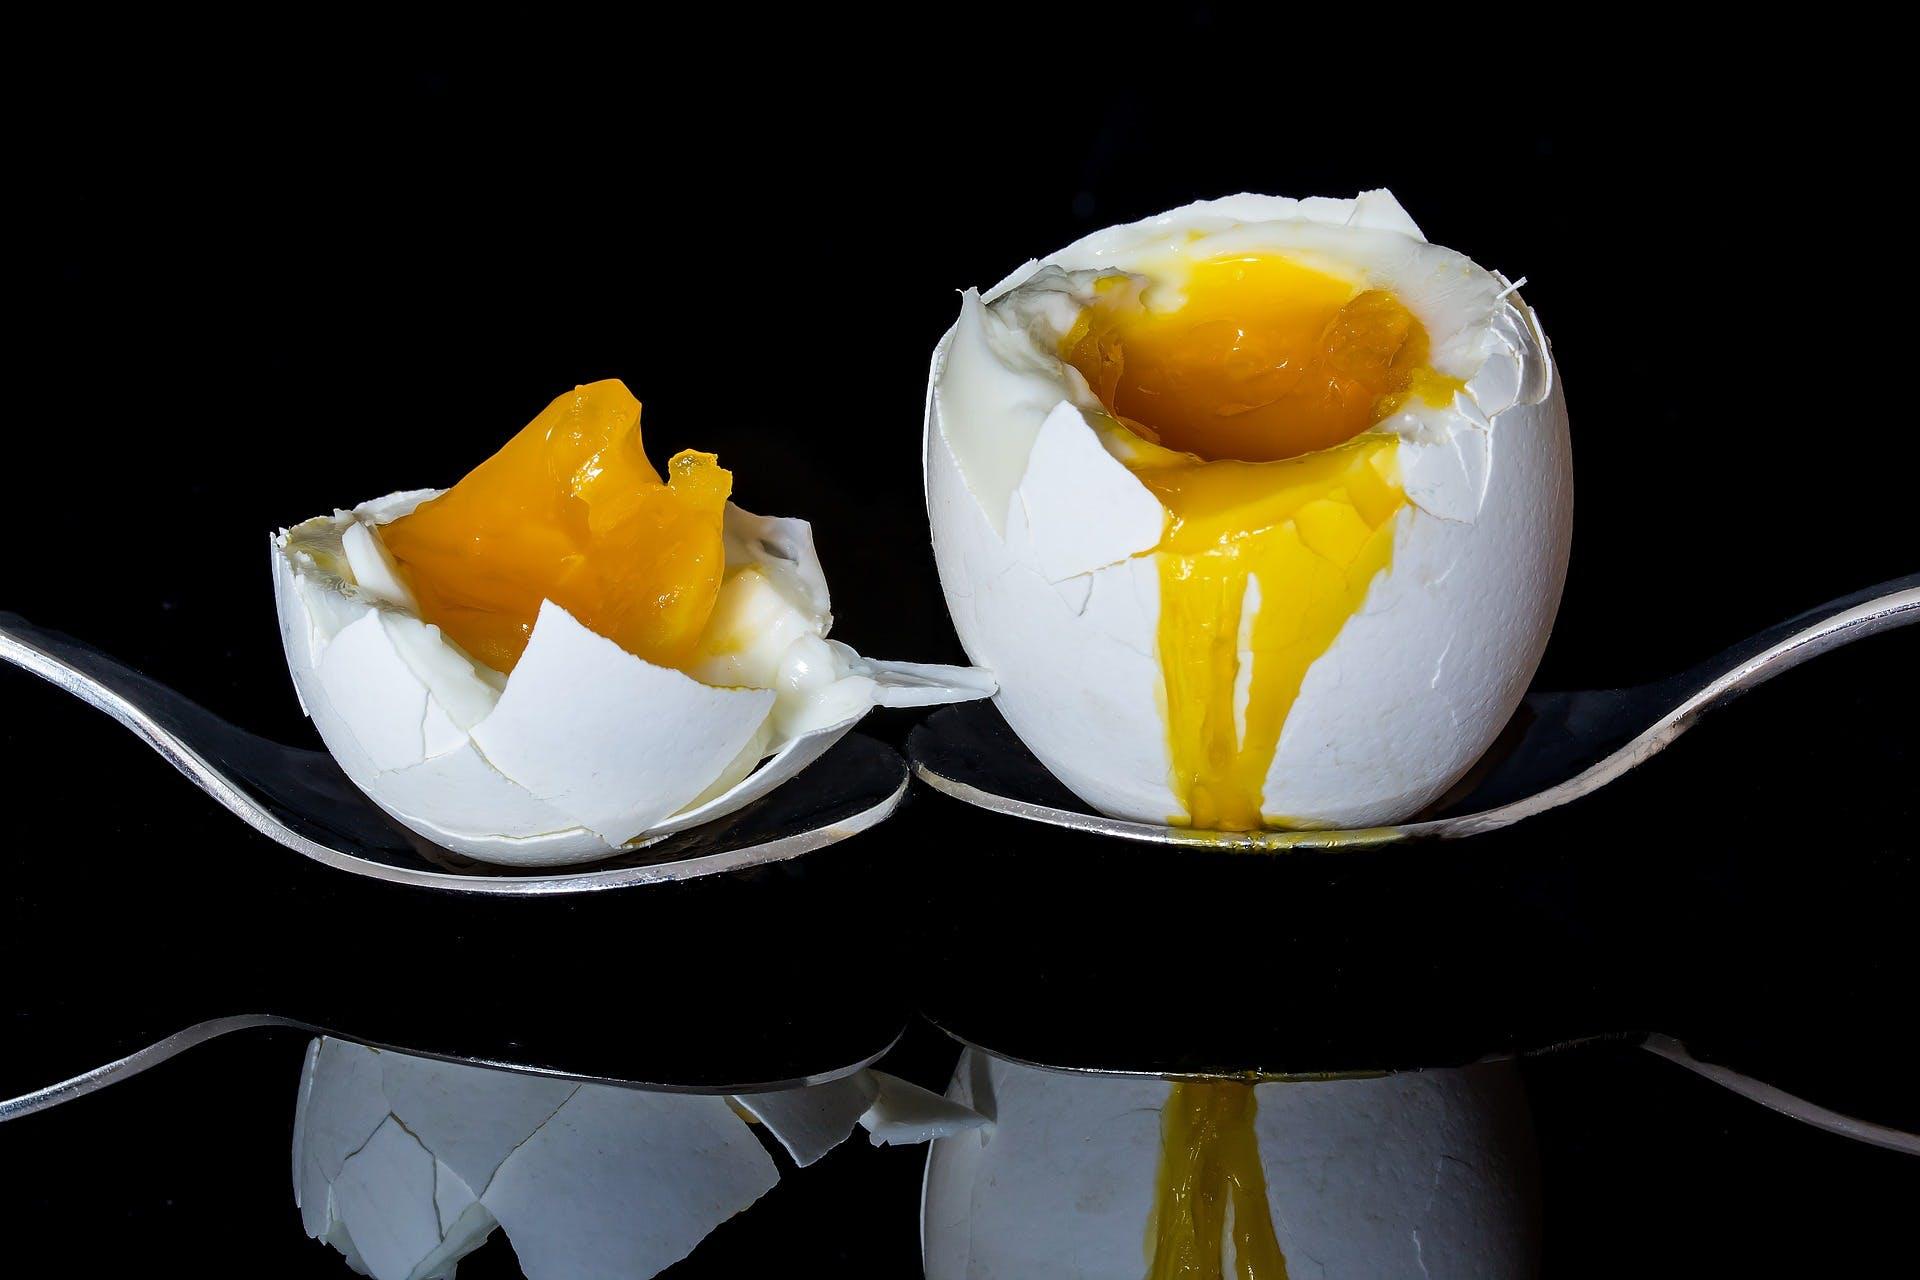 egg-2161877_1920